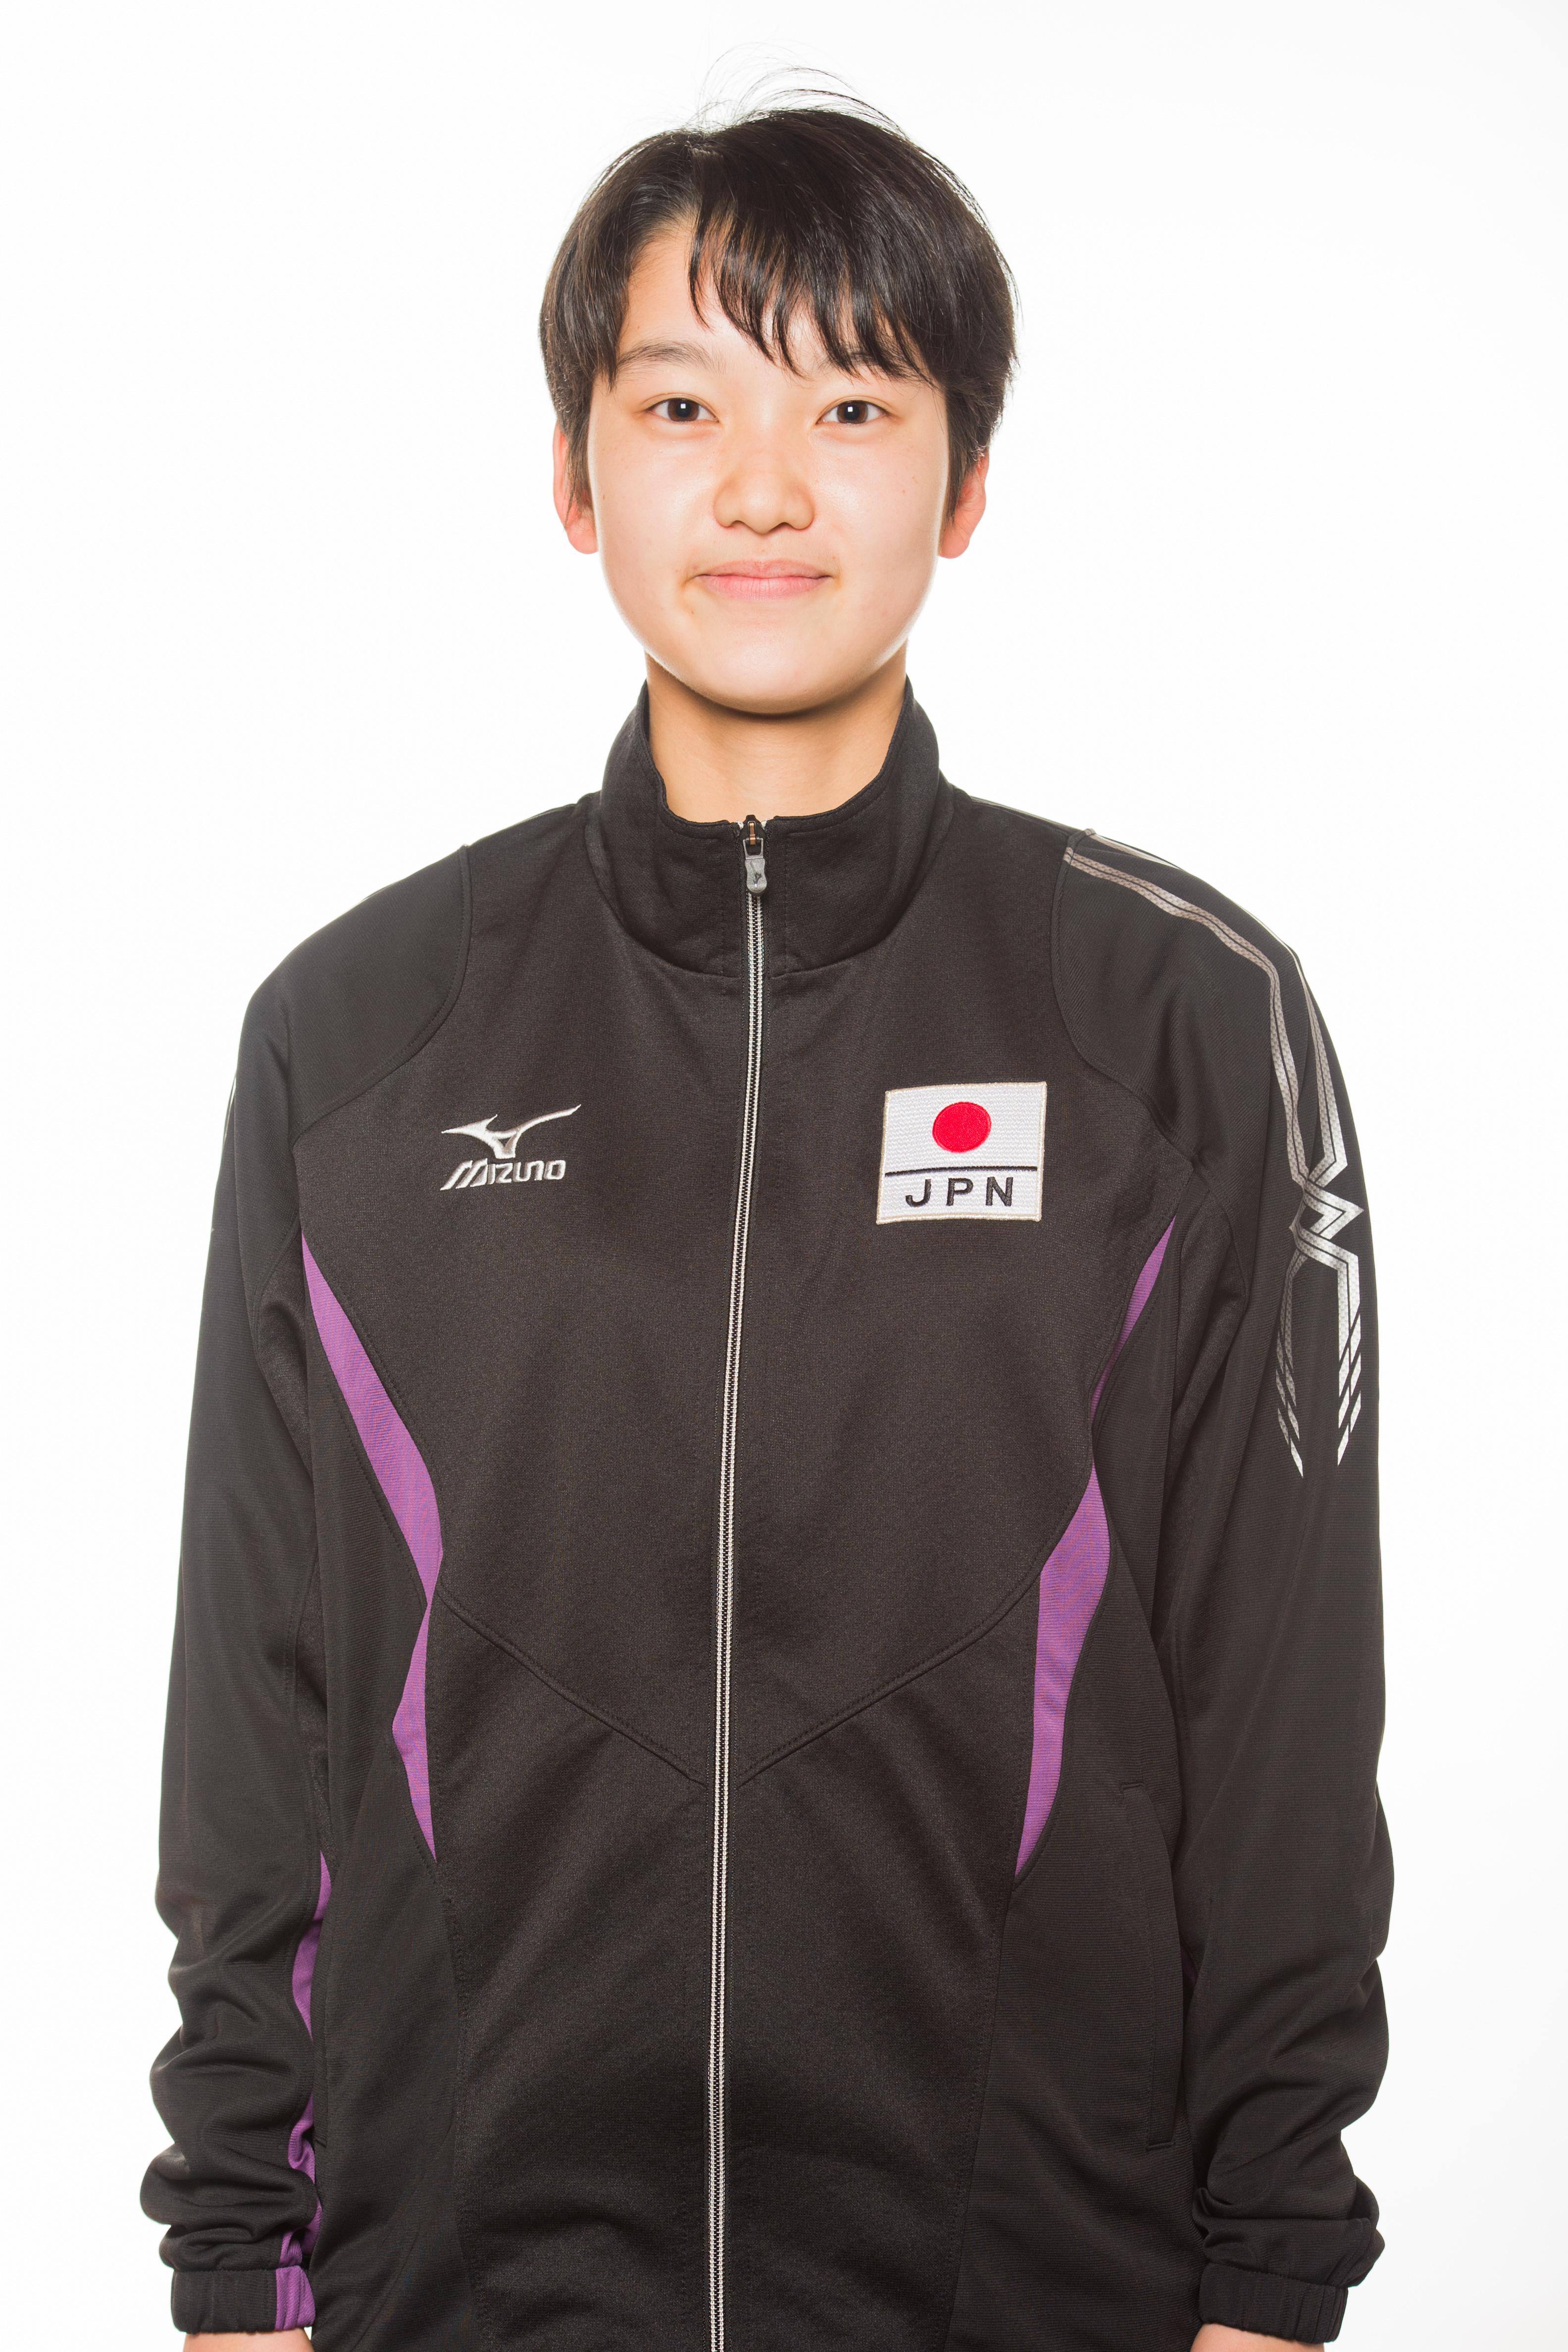 Hitomi Kodama